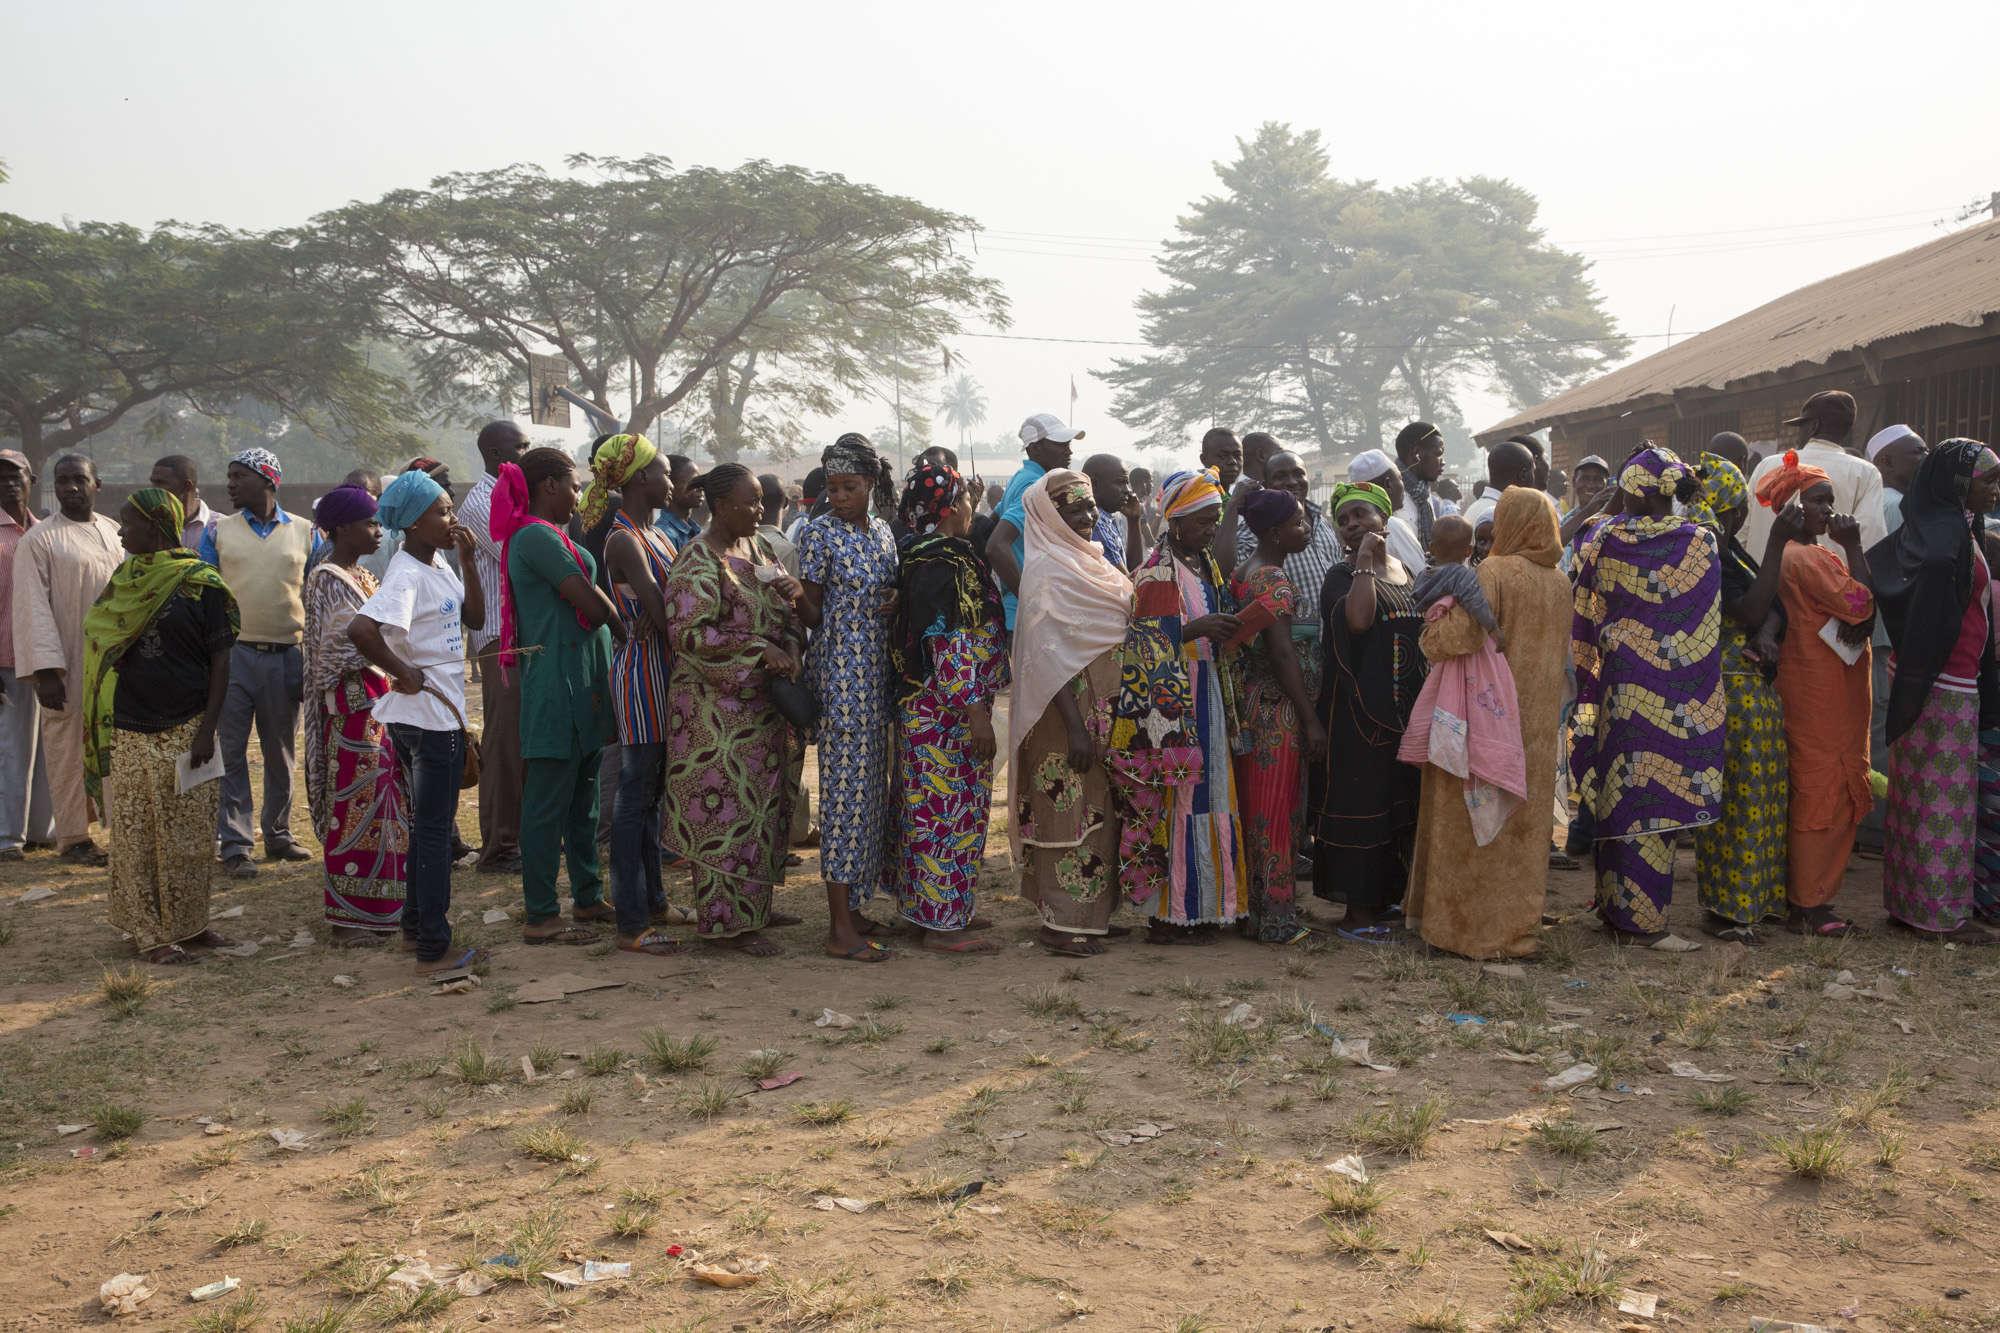 L'événement, plusieurs fois repoussé, était très attendu et il a attiré les foules. Les électeurs se pressaient mercredi devant l'école Koudoukou du quartier musulman PK5, à Bangui.